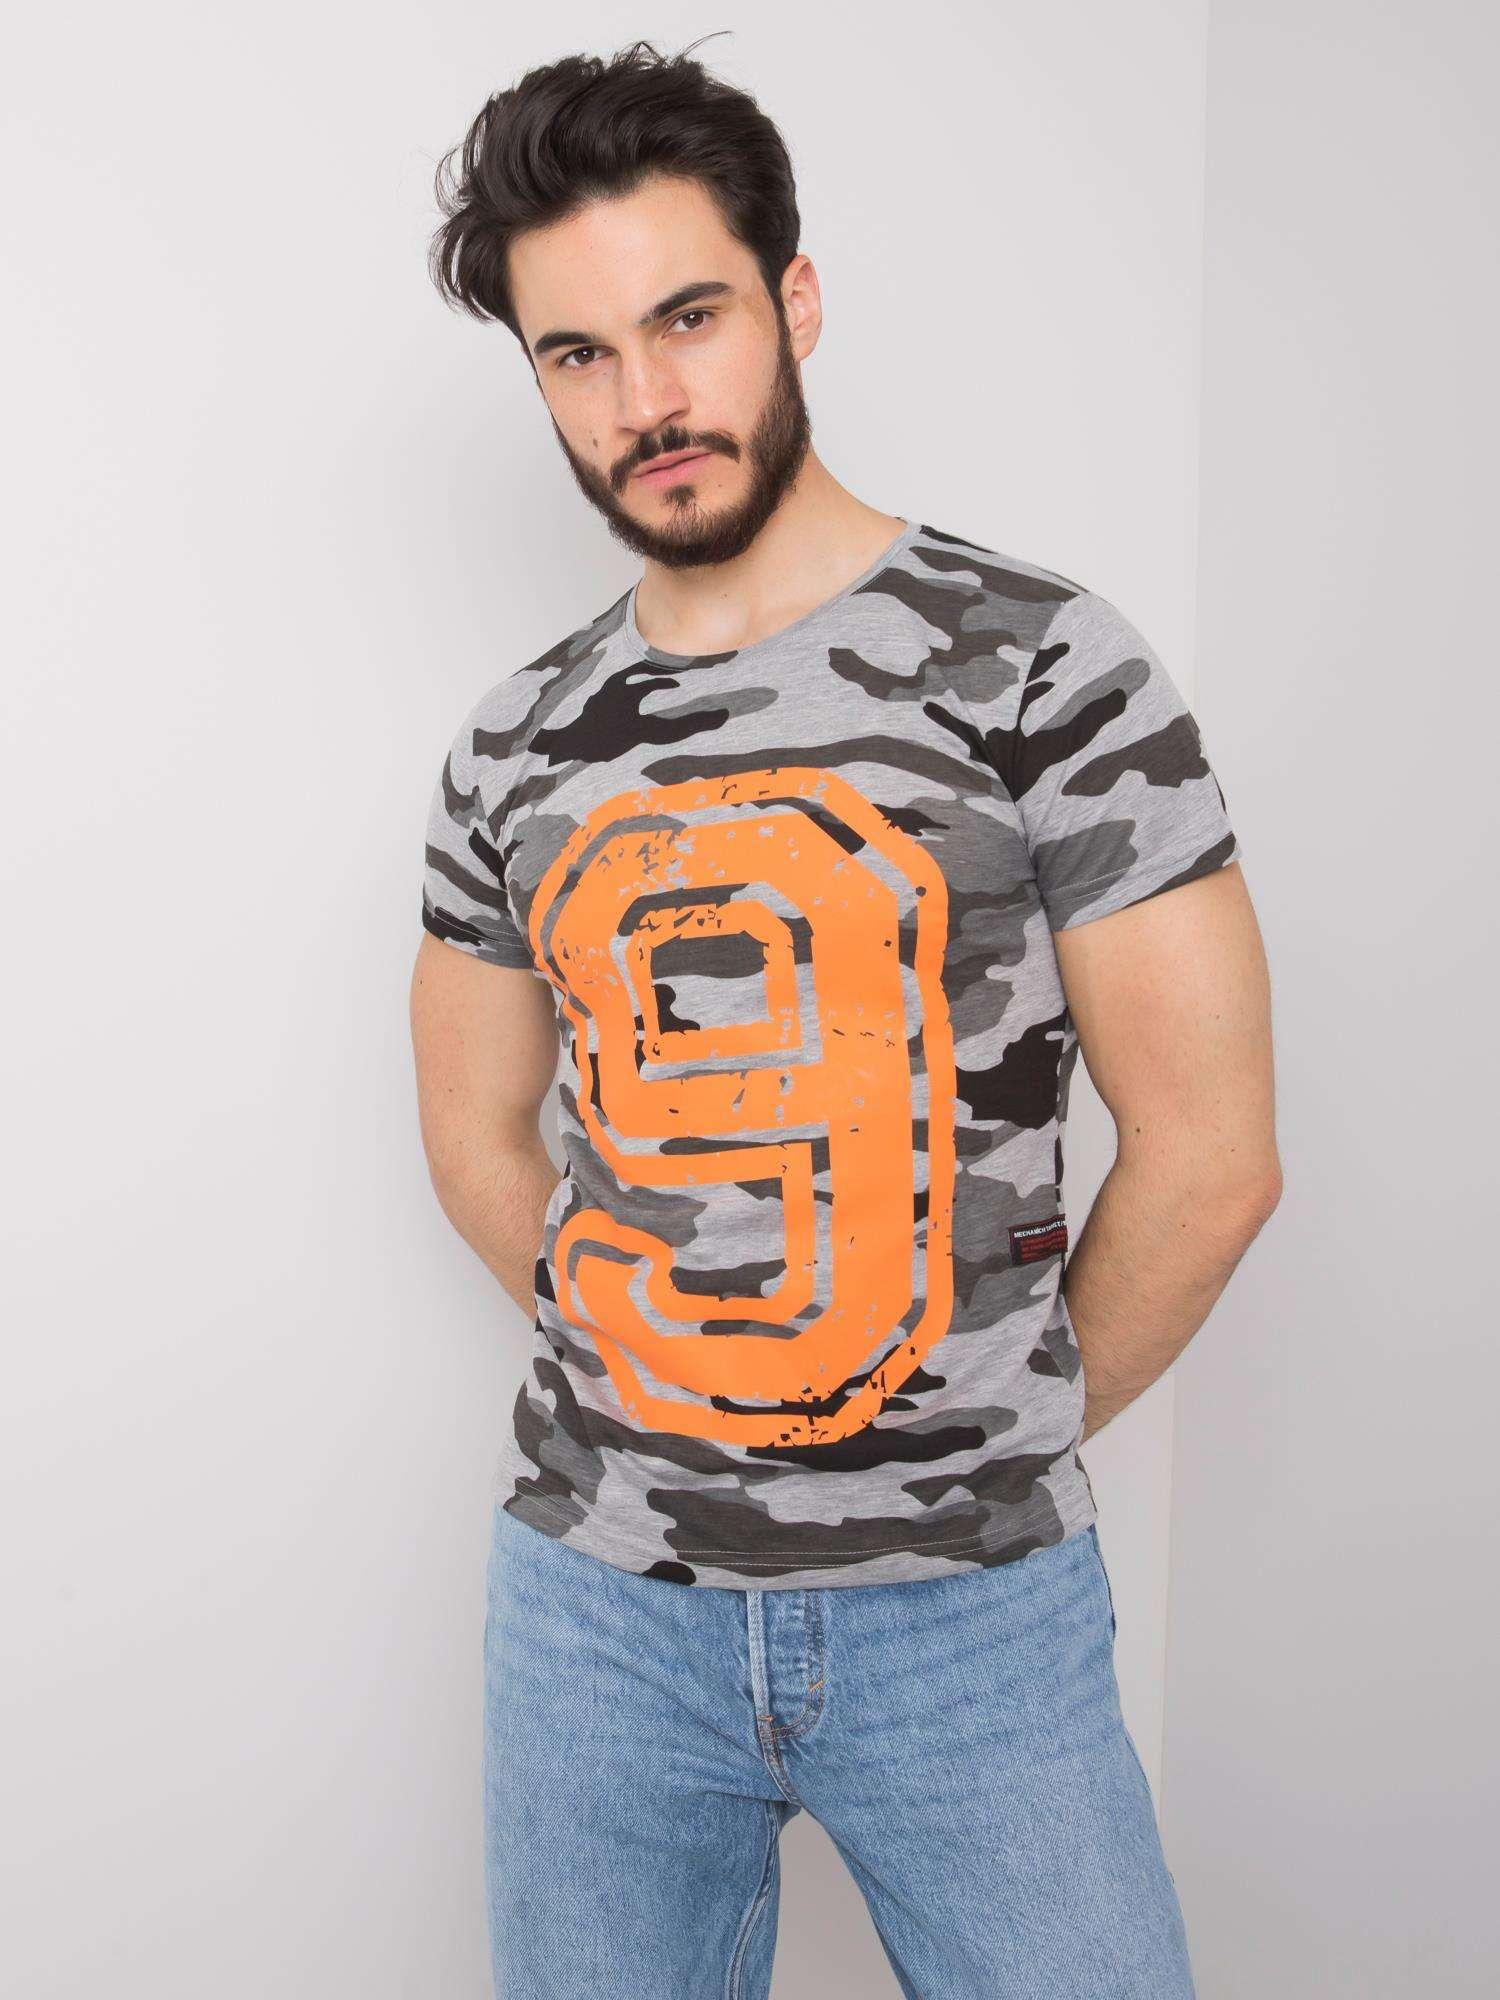 ΓΚΡΙ ΑΝΔΡΙΚΟ CAMO T-SHIRT - 1091571